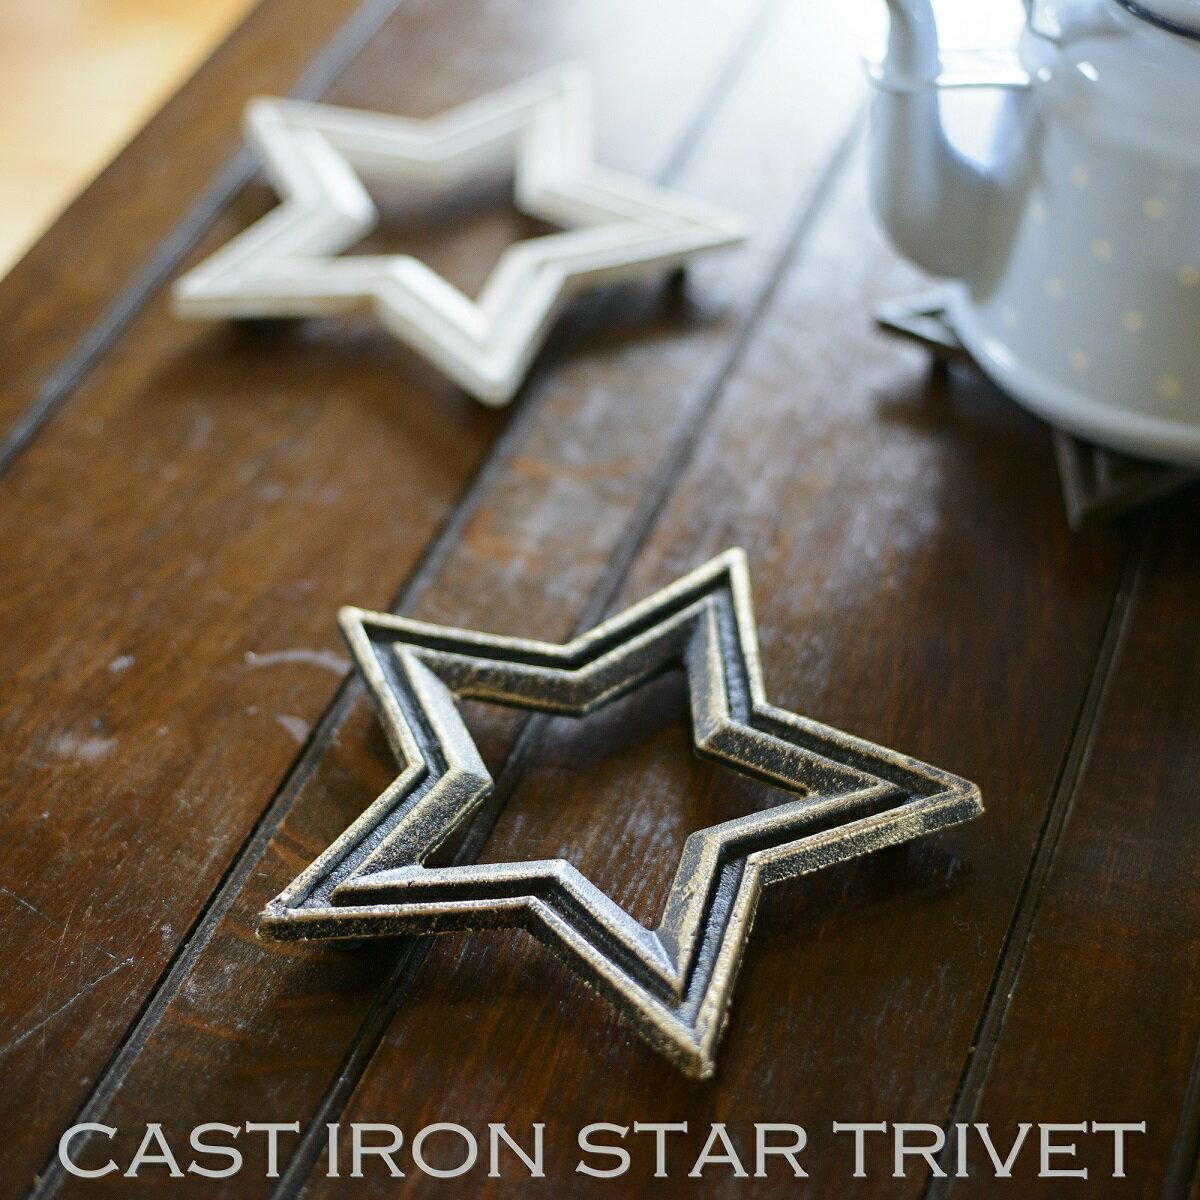 【あす楽】CAST IRON STAR TRIVET キャスト アイアン スター トリベット【トスダイス TOSSDICE】10P07Feb16 星形 鍋敷き アンティーク 壁掛け お洒落 雑貨 インテリア (z)